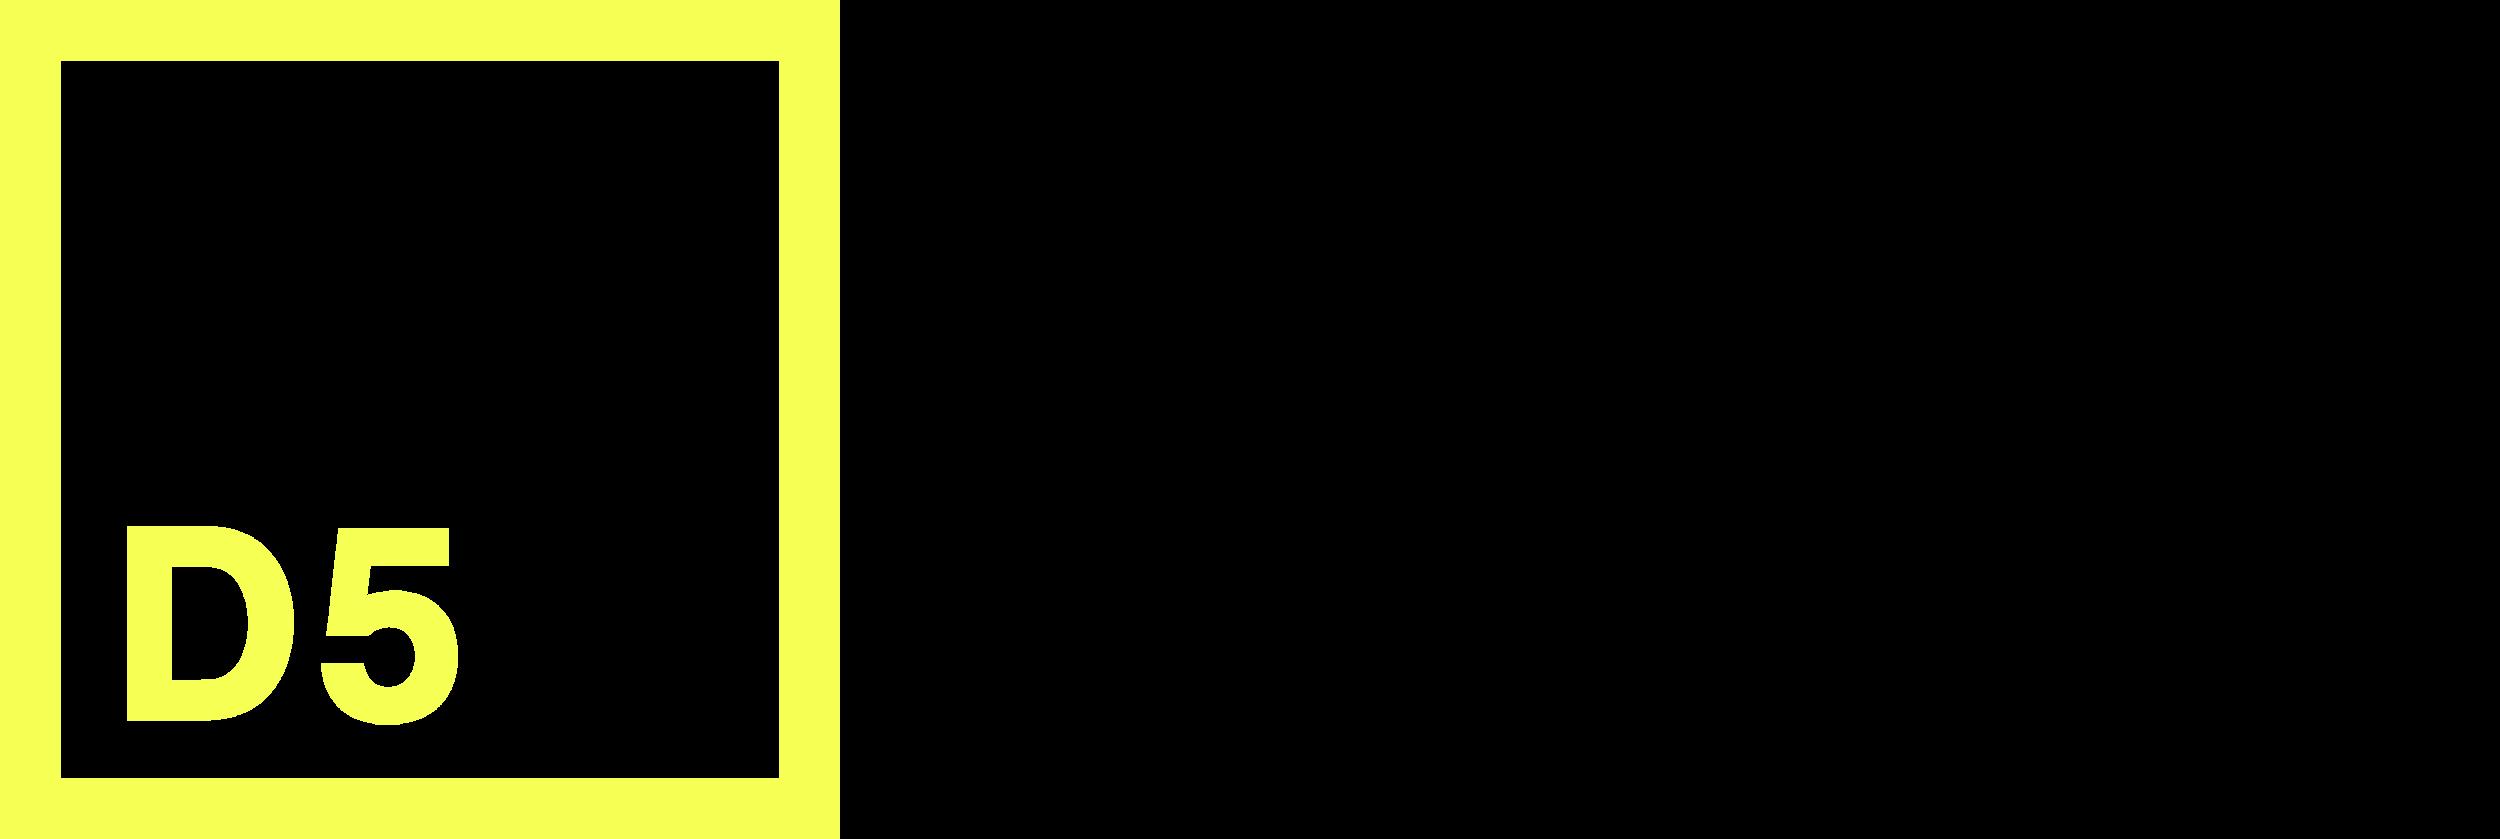 D5_logo_yellow2.png